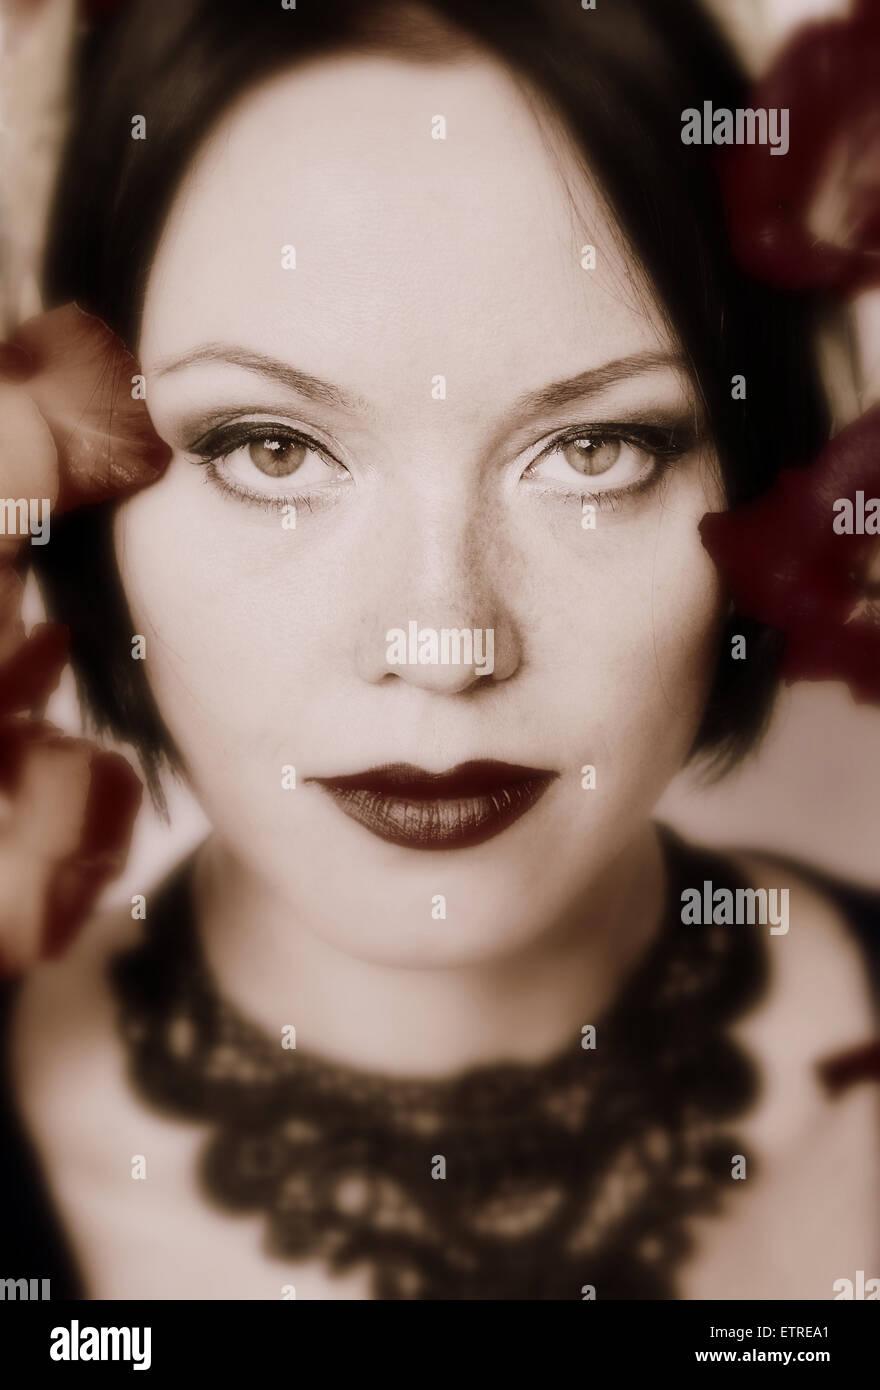 Porträt einer Frau in monotonen Farben Stockbild